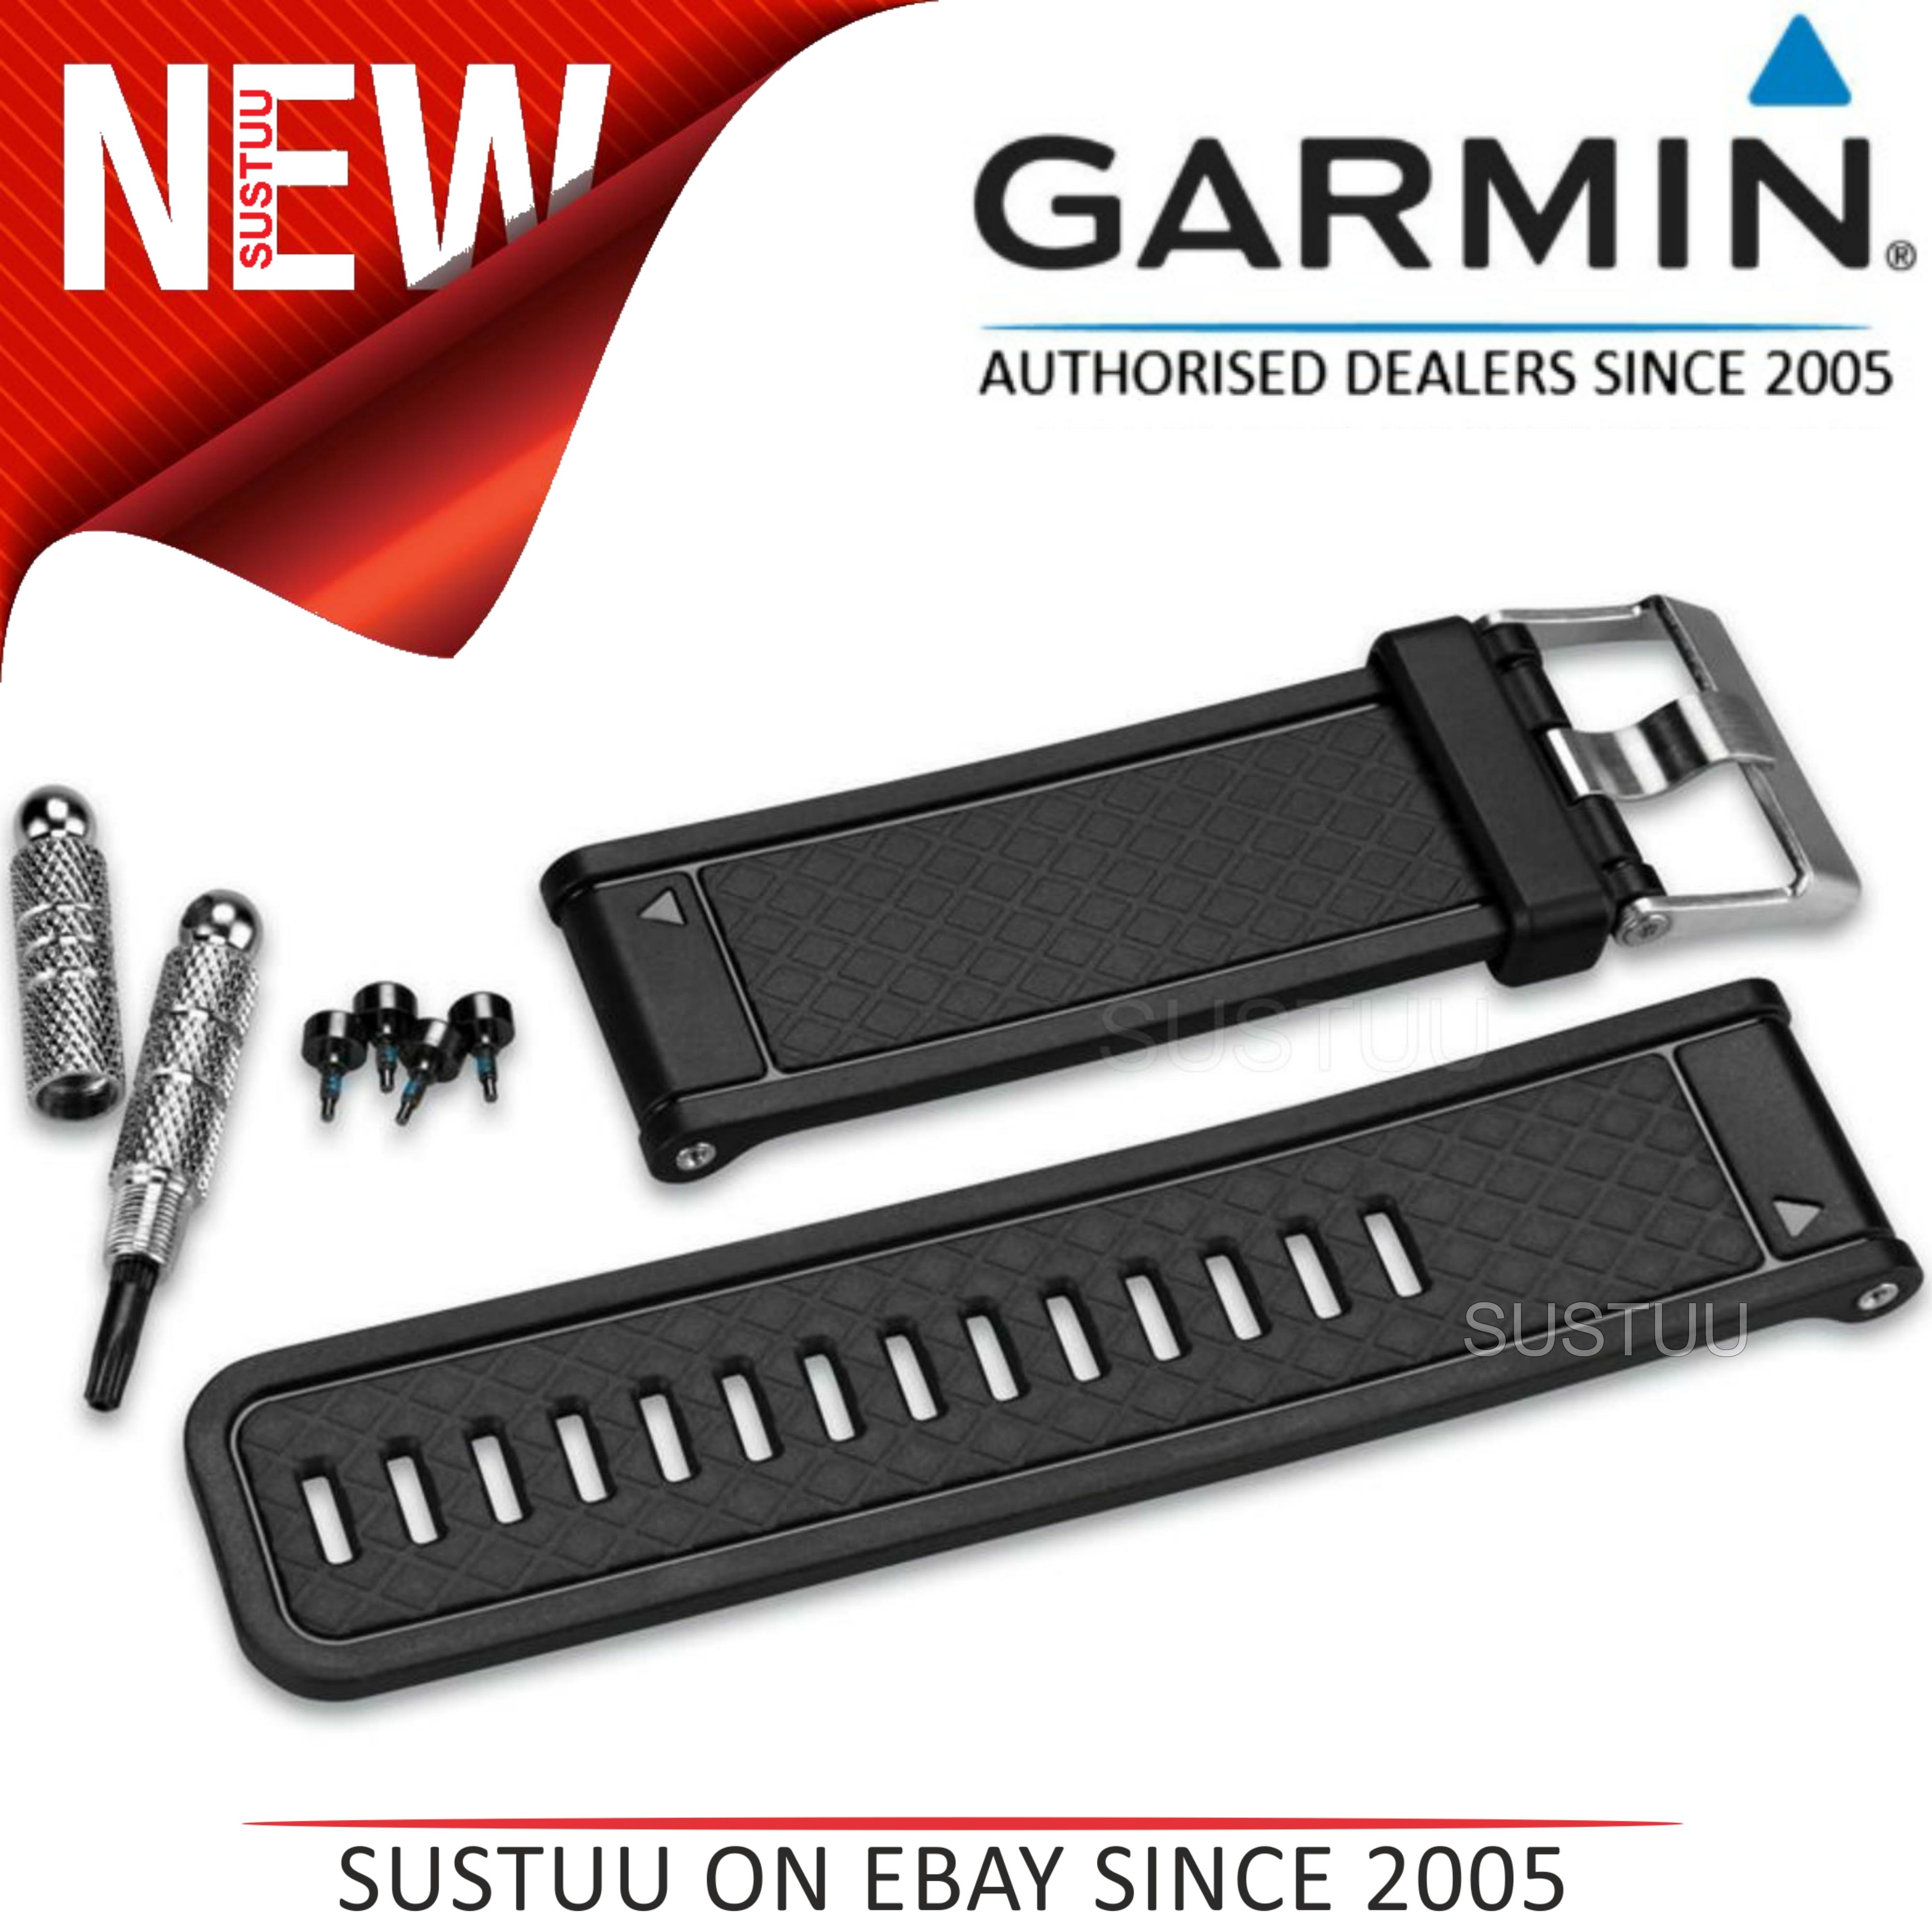 Garmin Replacement Black Watch Band/Strap|D2 Fenix 2 Quatix Tactix|010-11814-04